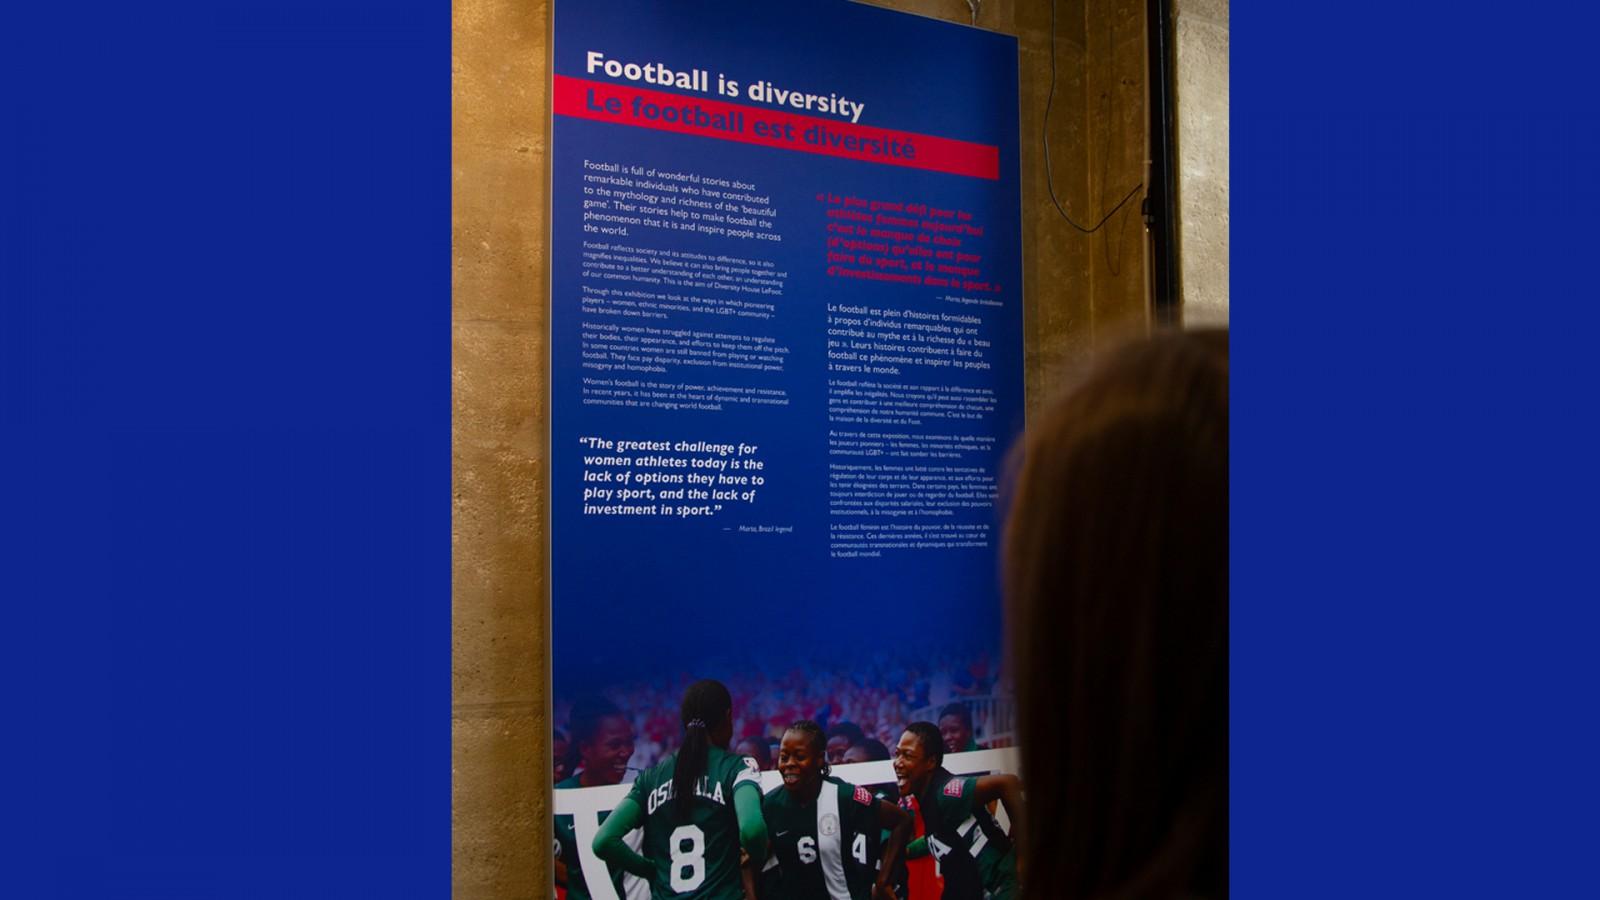 image for Diversity House - Paris 2019 project